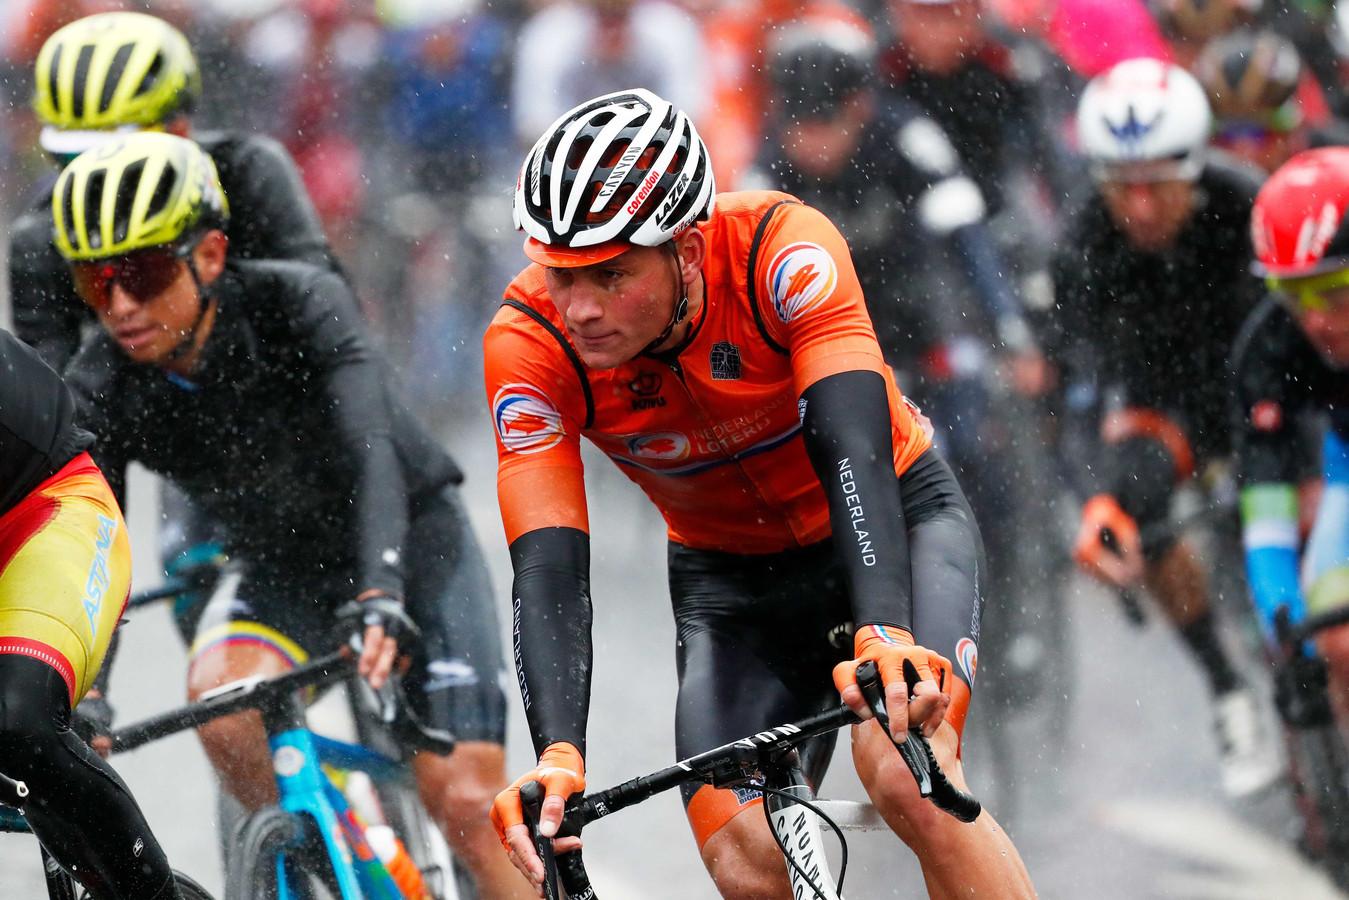 Mathieu van der Poel tijdens de wegwedstrijd van de WK wielrennen in Yorkshire.